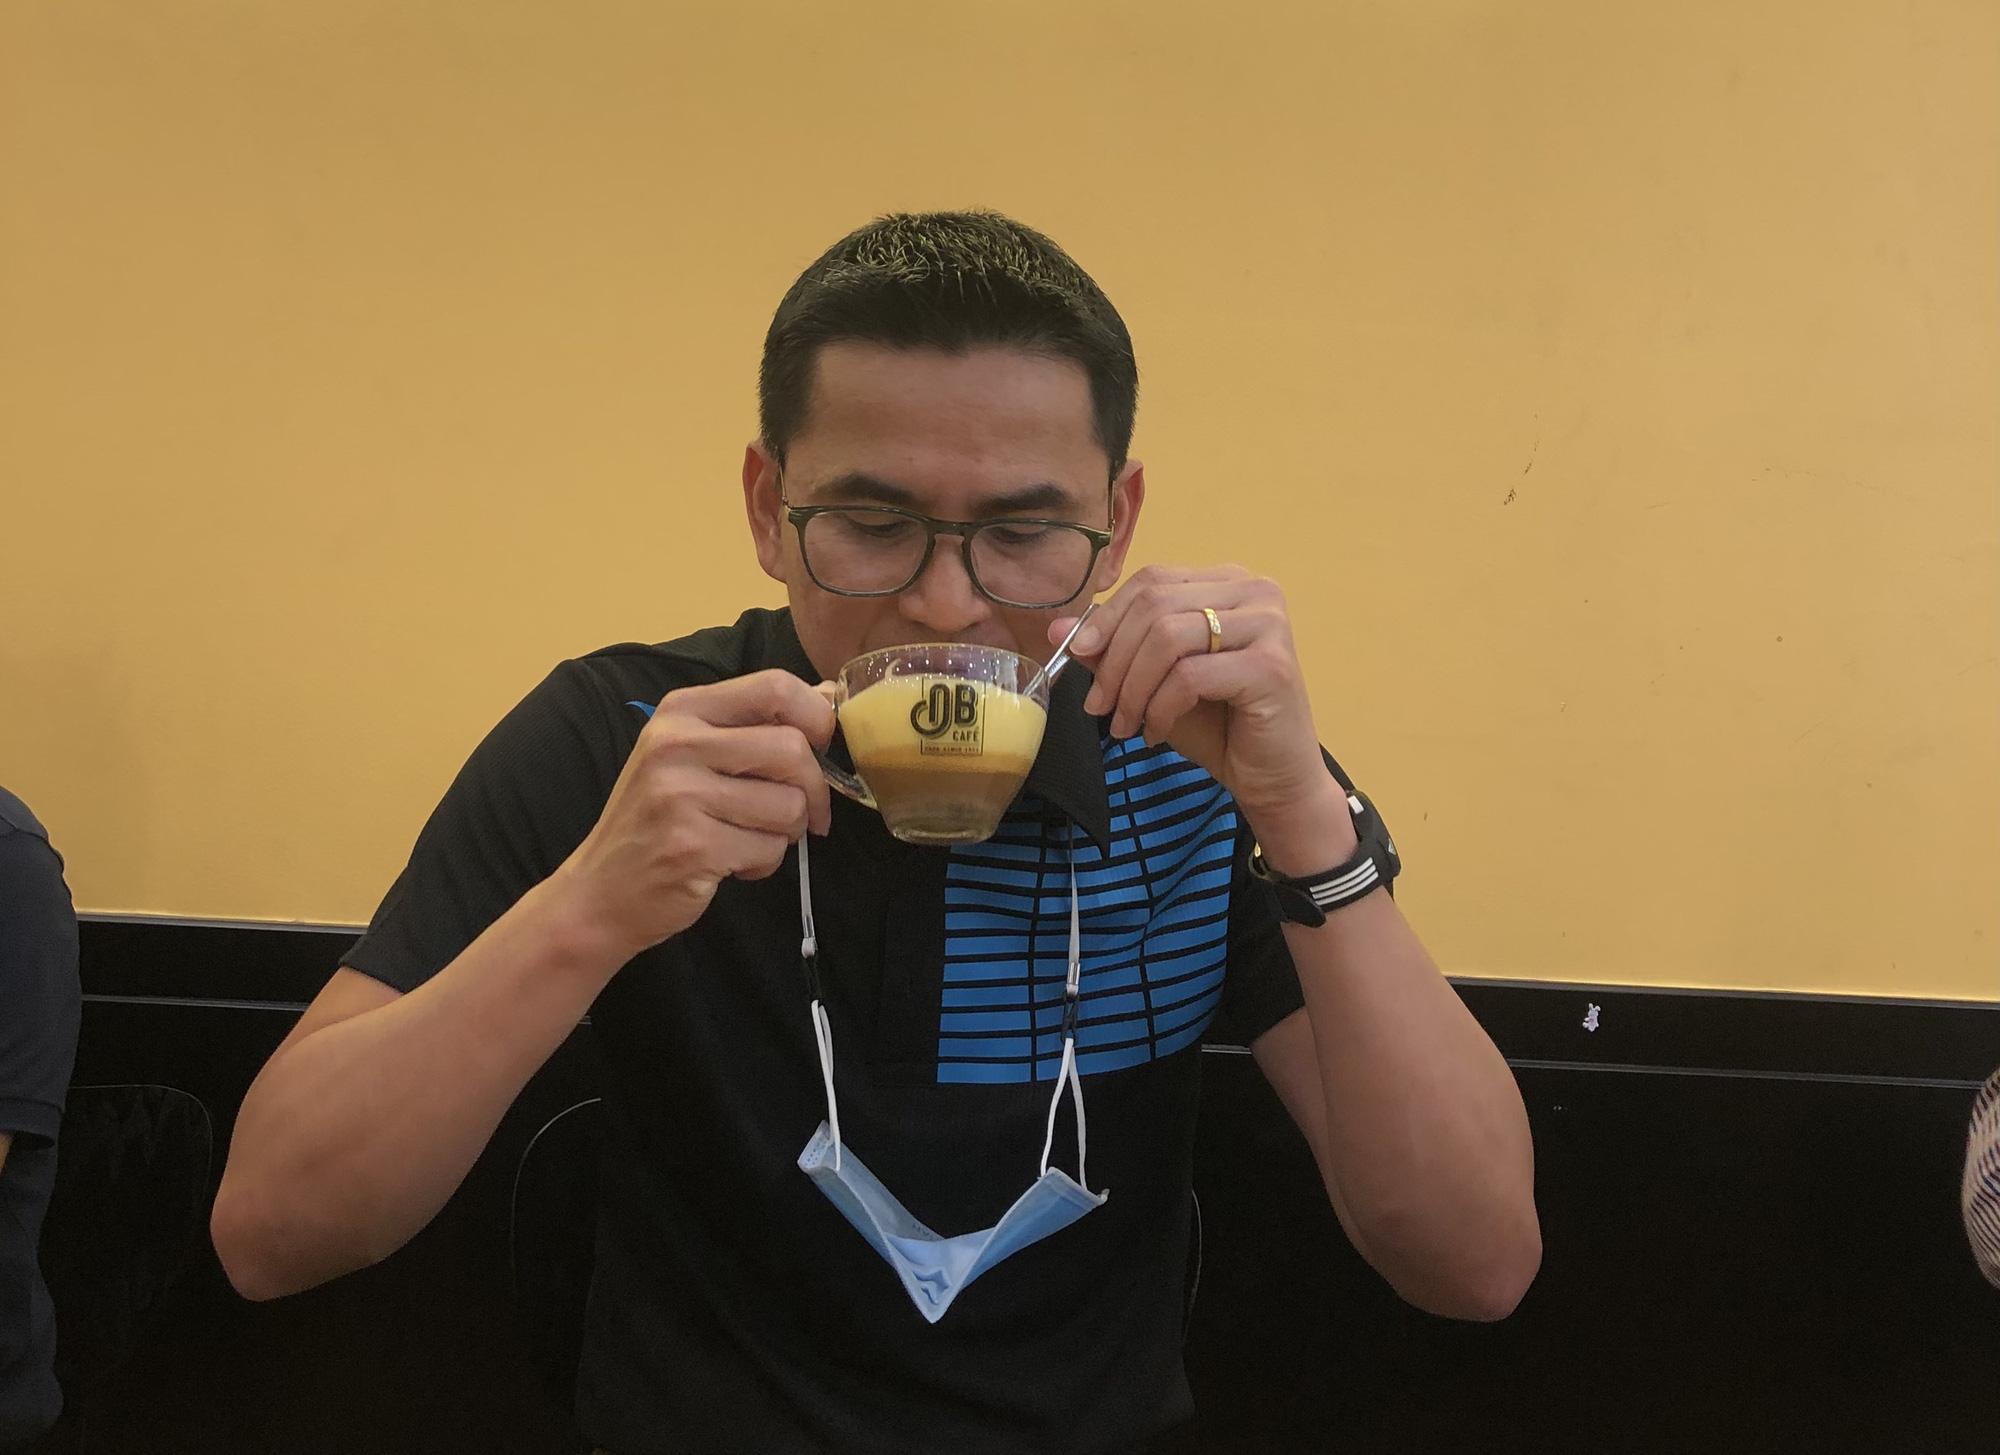 Zico Thái ngẫu hứng đàn hát bên ly cà phê của Bầu Đức - Ảnh 2.